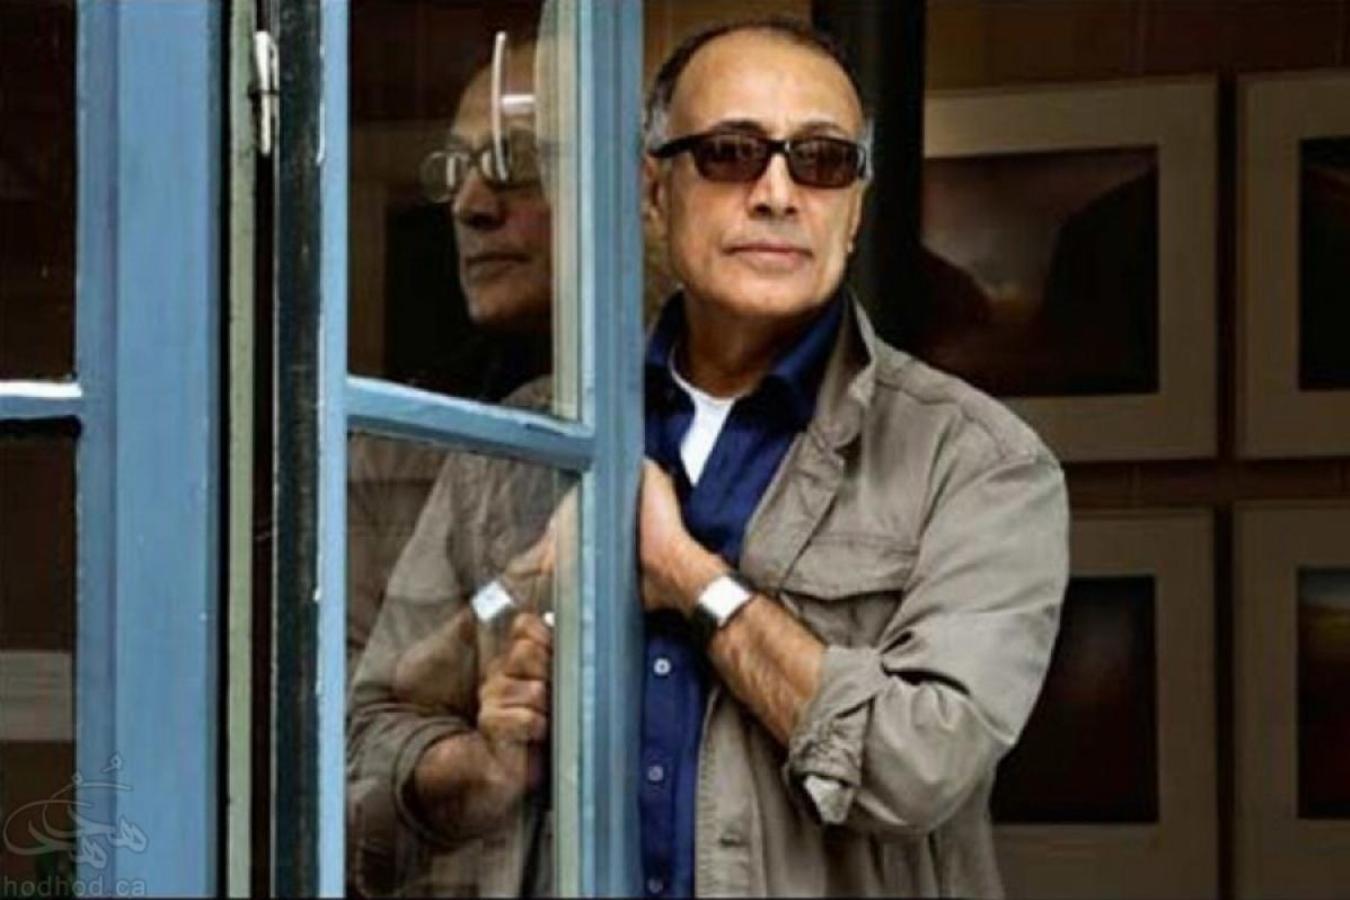 عباس کیارستمی کارگردان مشهور و بزرگ ایرانی درگذشت